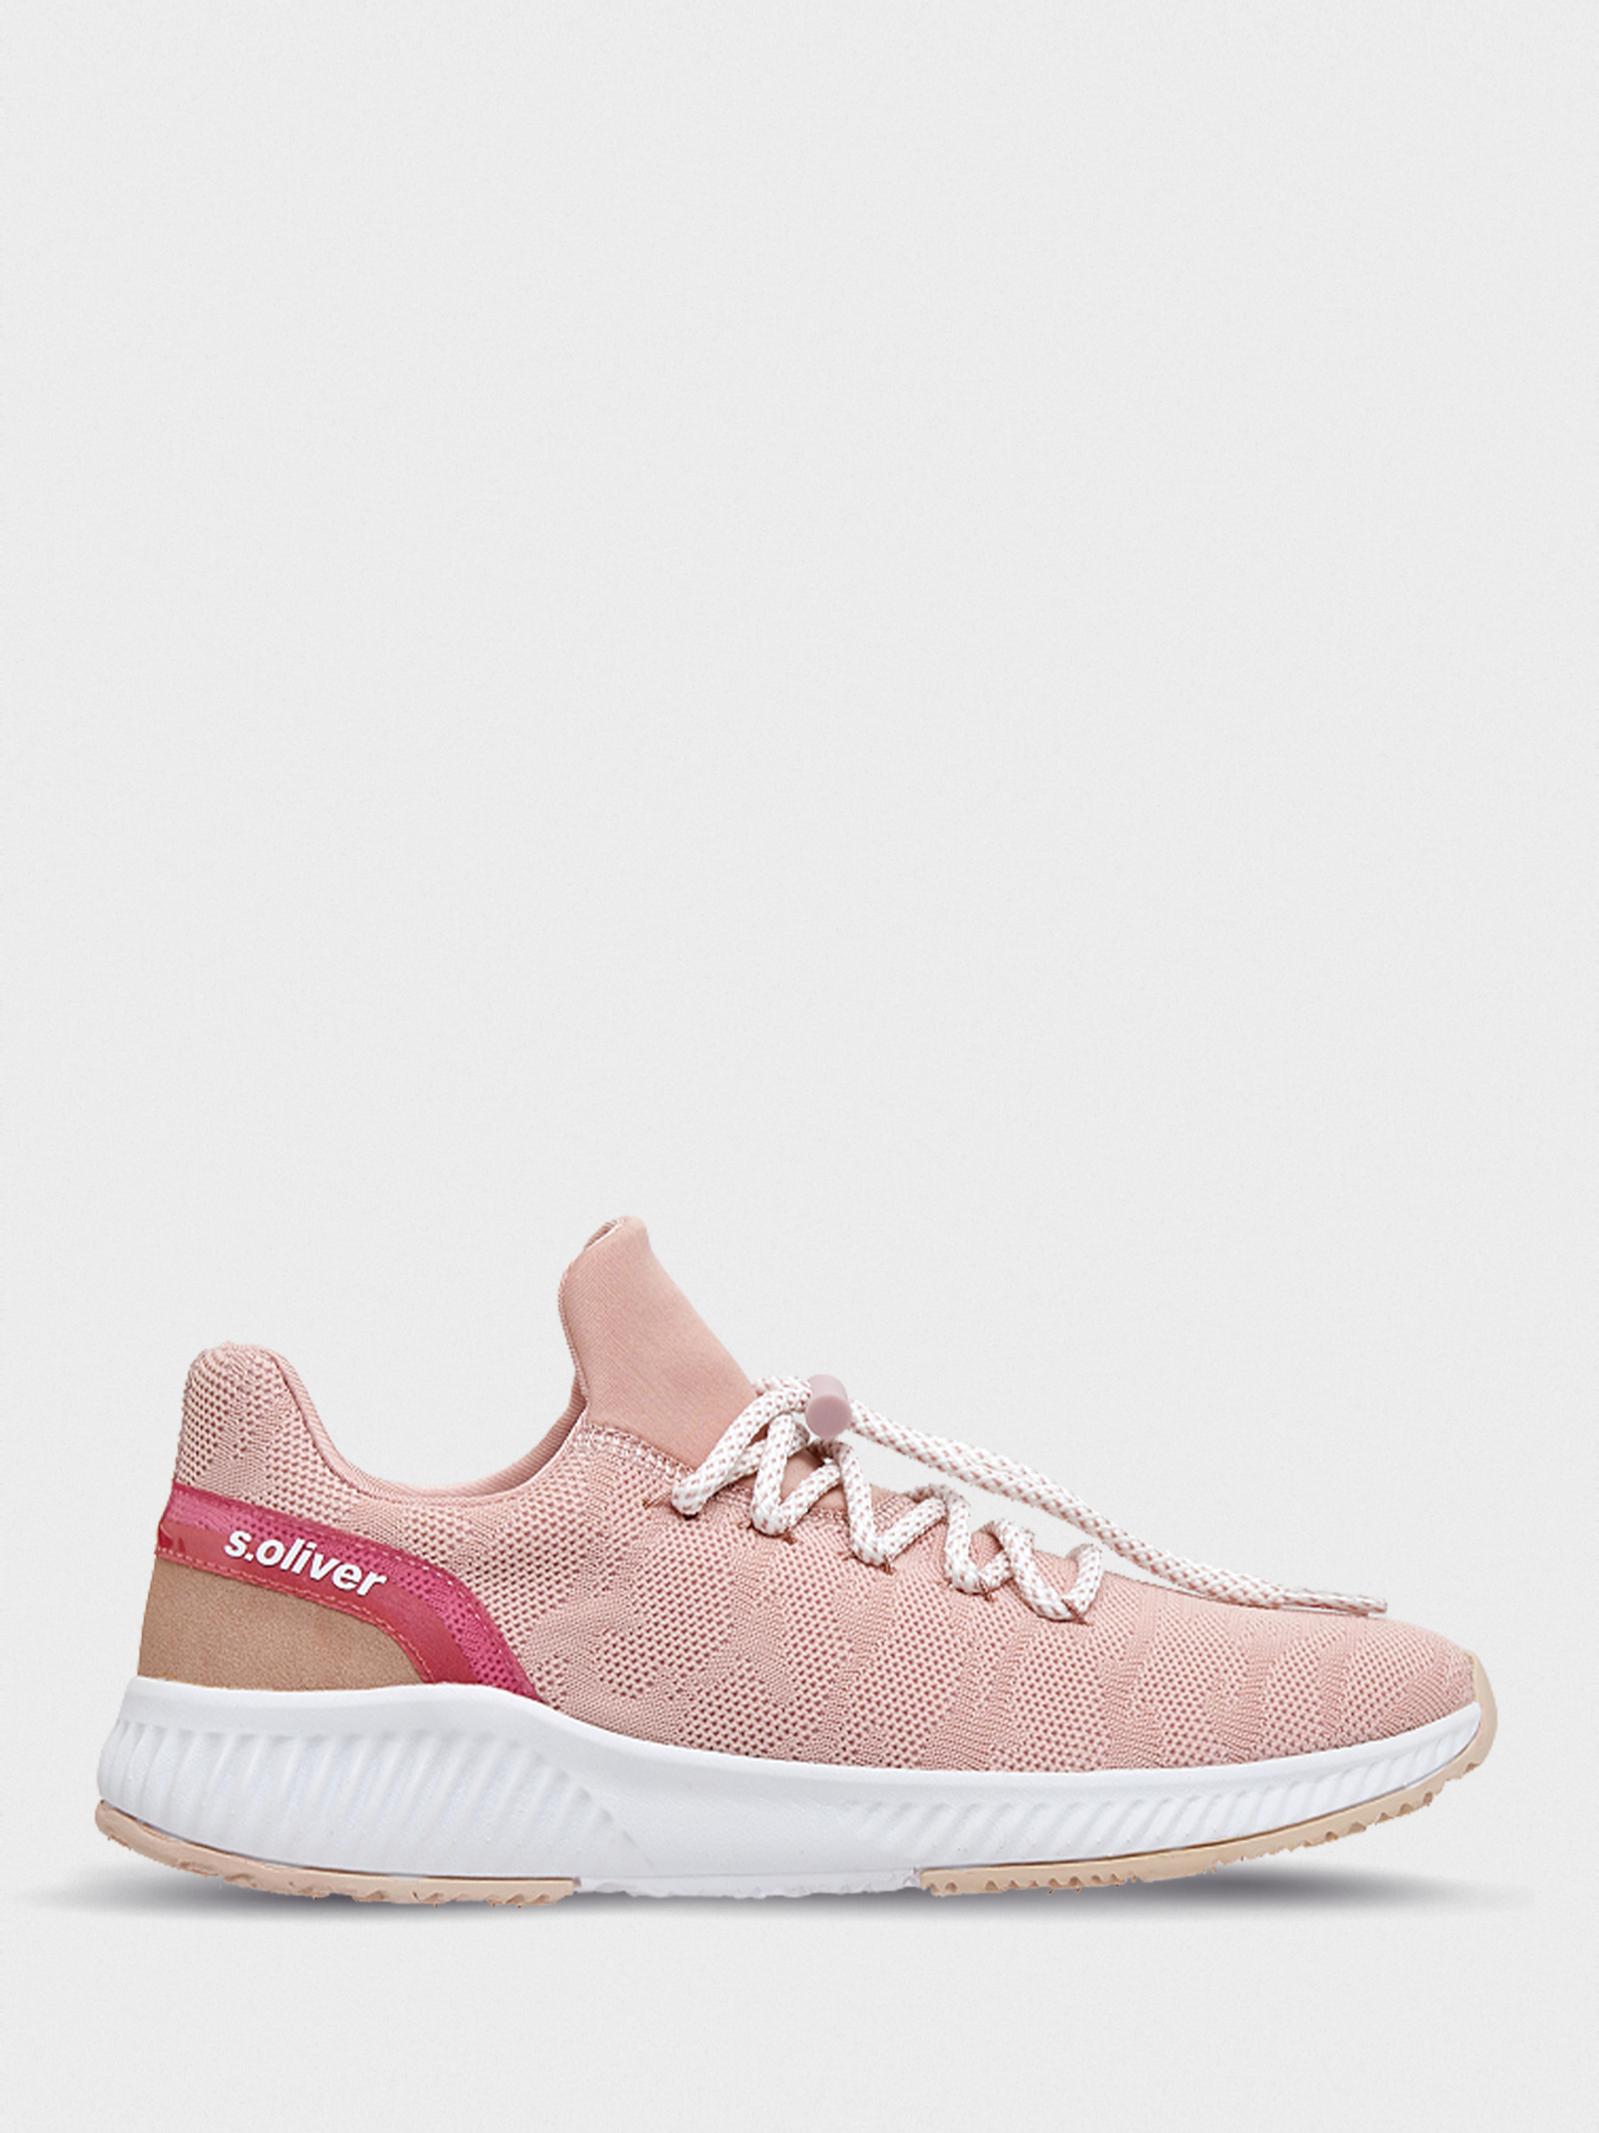 Кроссовки для женщин S.Oliver 8W78 размеры обуви, 2017